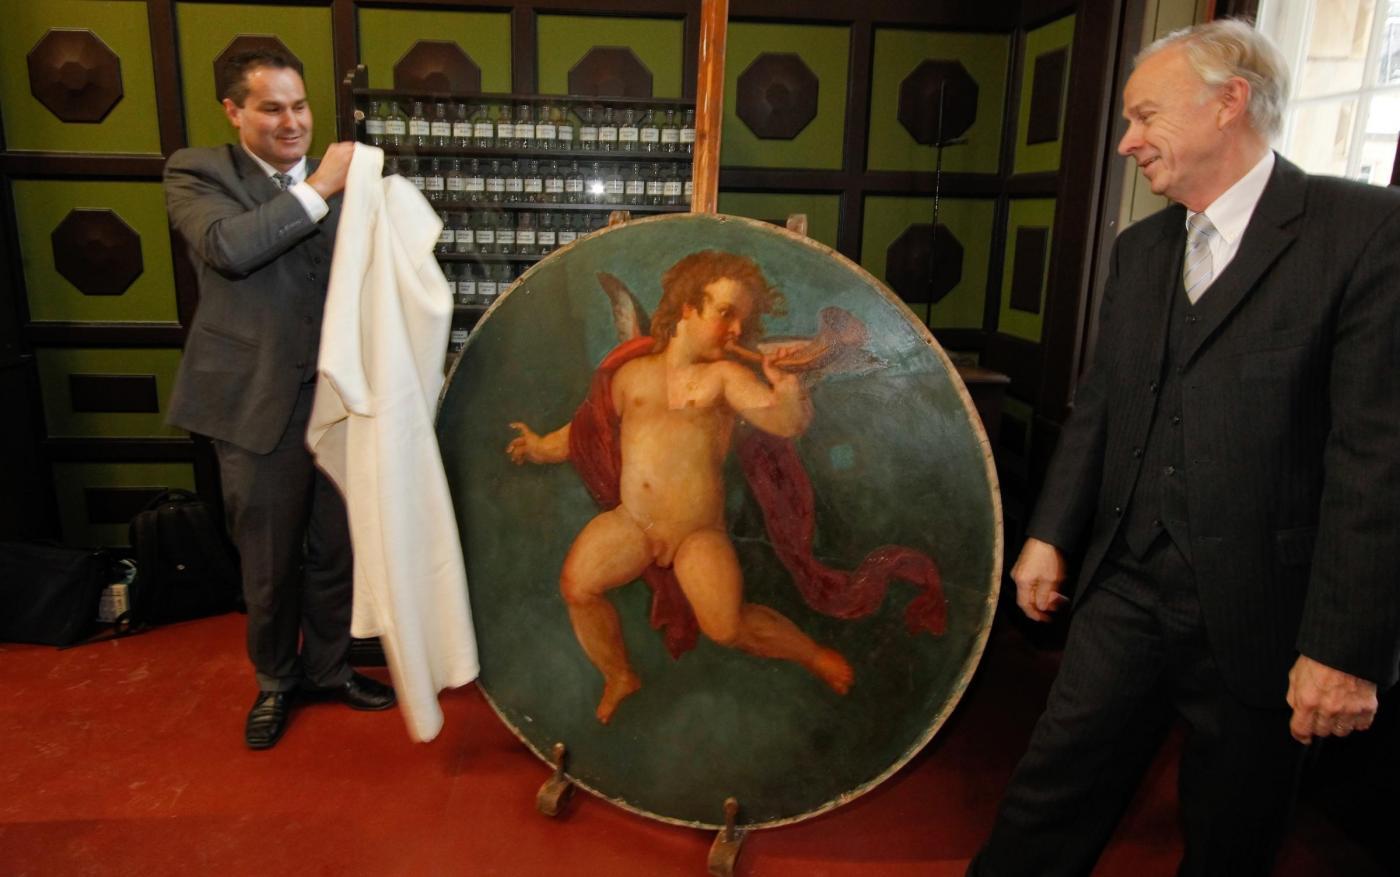 Trovato un quadro forse dipinto da Klimt02